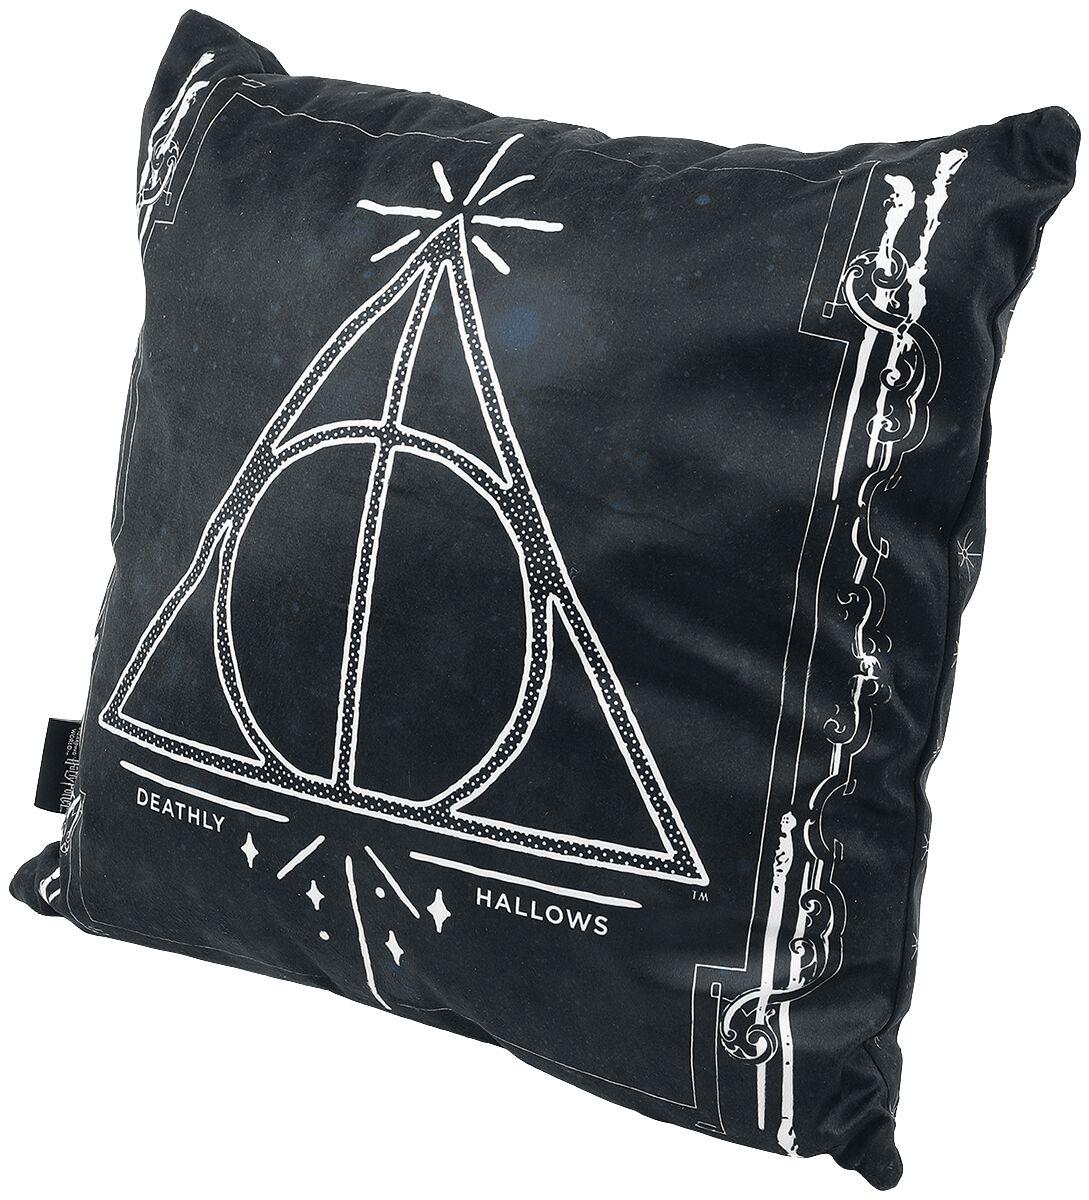 Harry Potter - Heiligtümer des Todes - Kissen - schwarz|weiß - EMP Exklusiv!